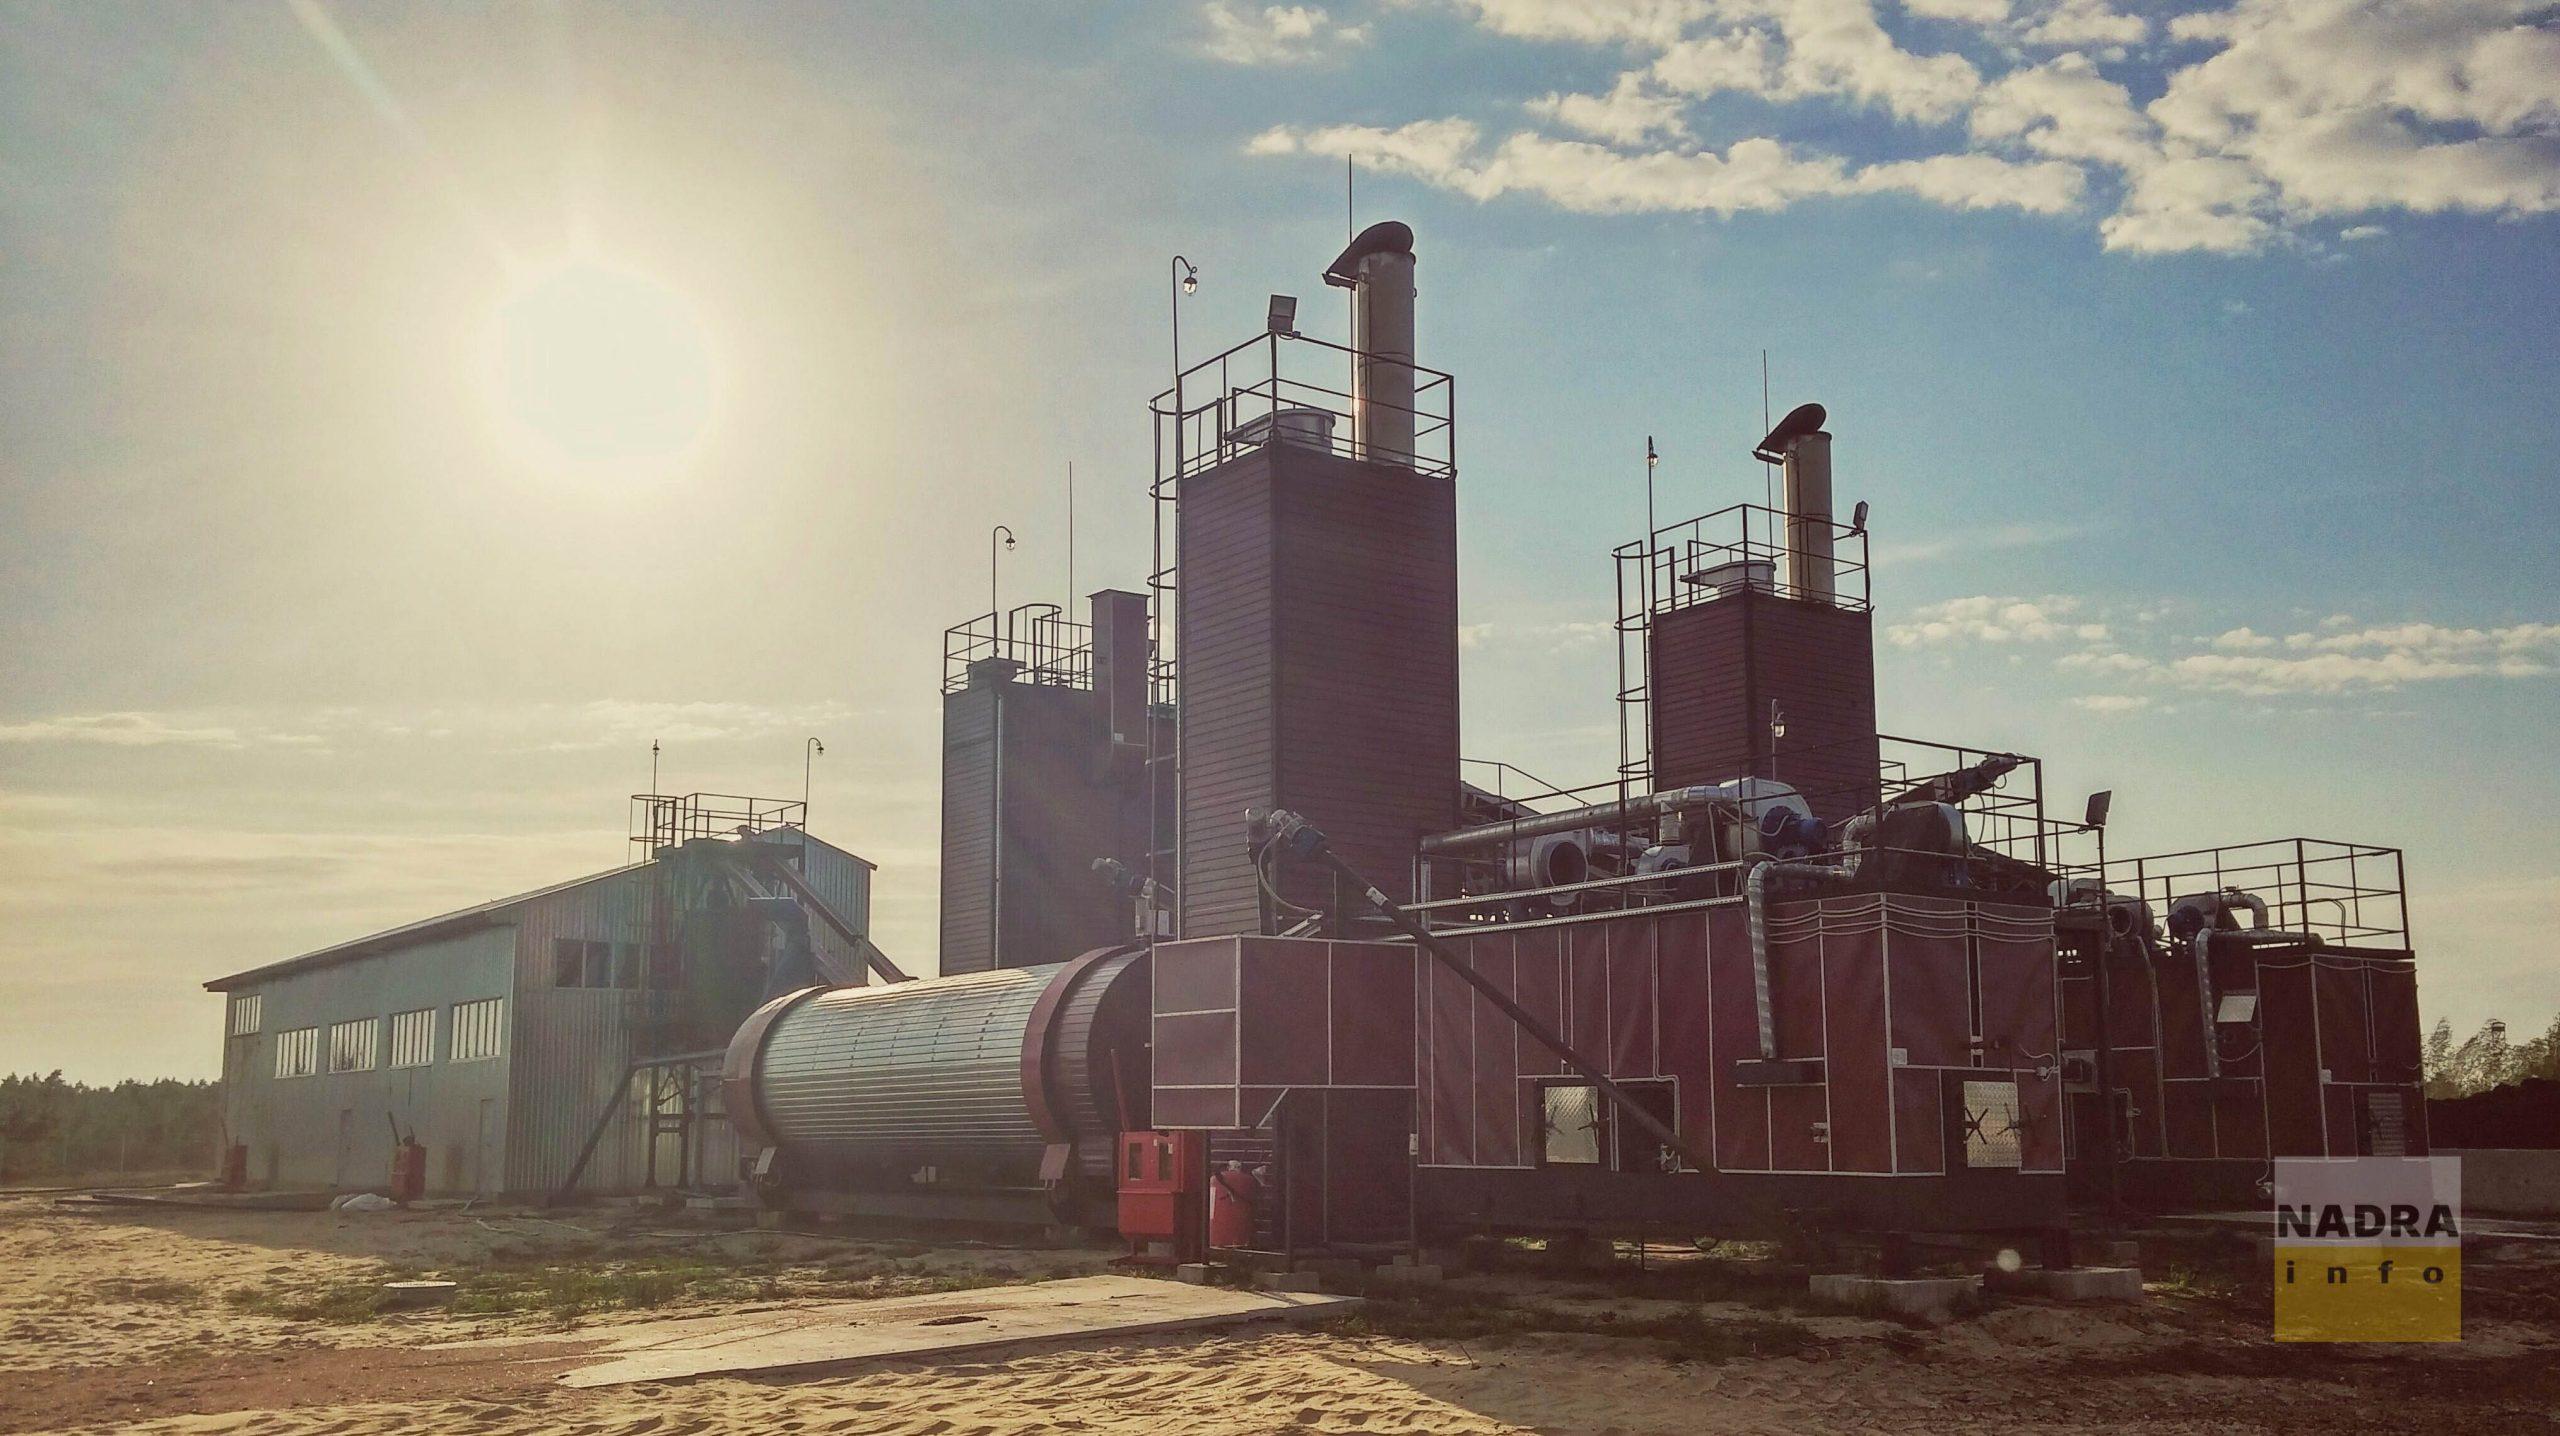 2021 буде кращим: РівнеЕнергоАльянс планує наростити виробництво торфобрикетів